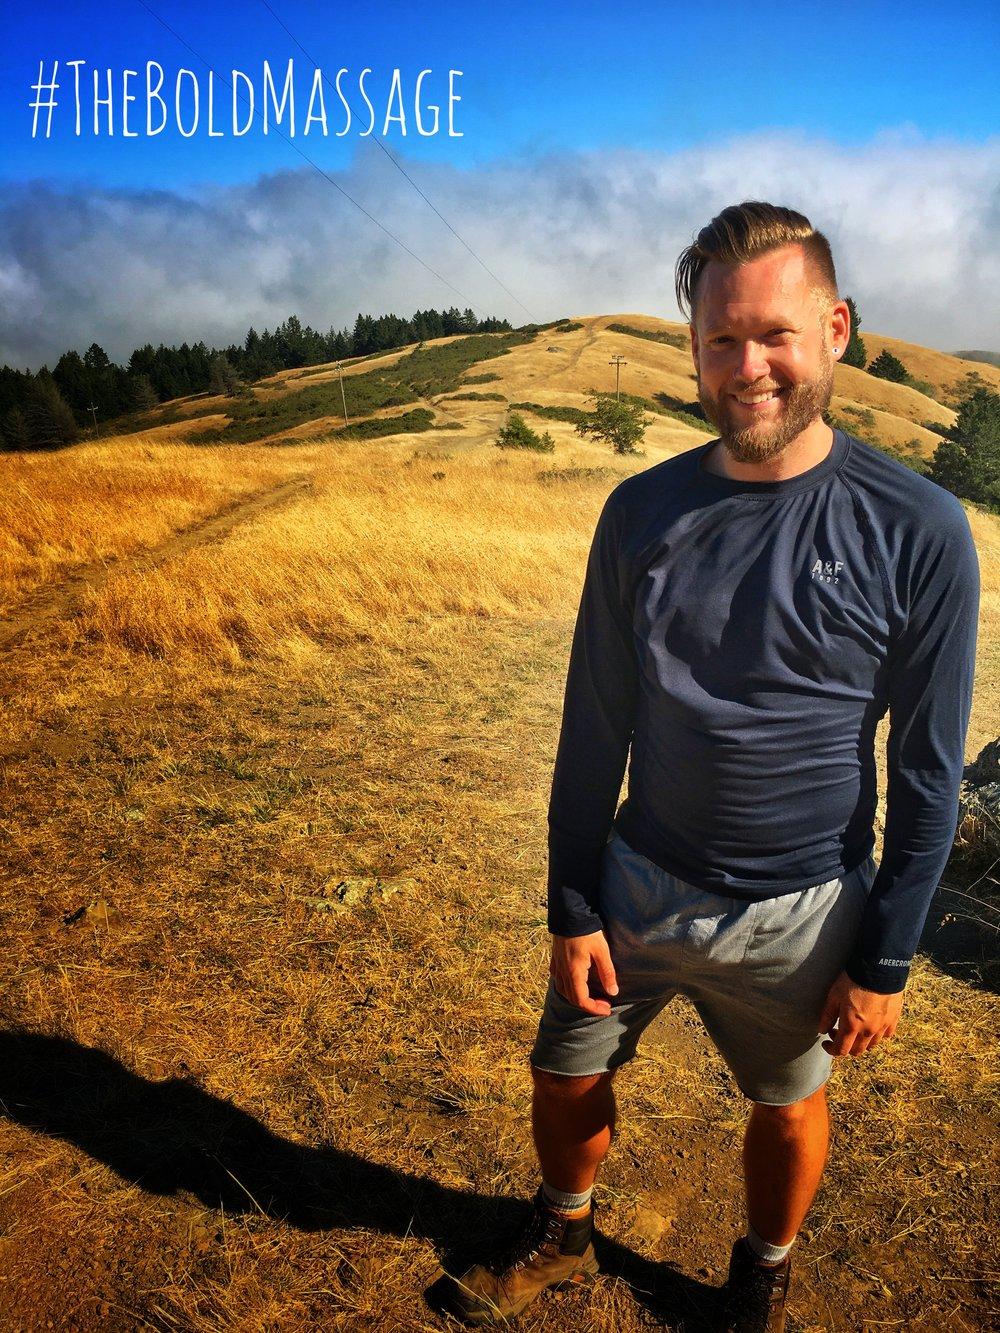 Mount Tamalpais State Park, Mill Valley, California #TheBoldMassage #mttam #SummerofSavings #payitforward